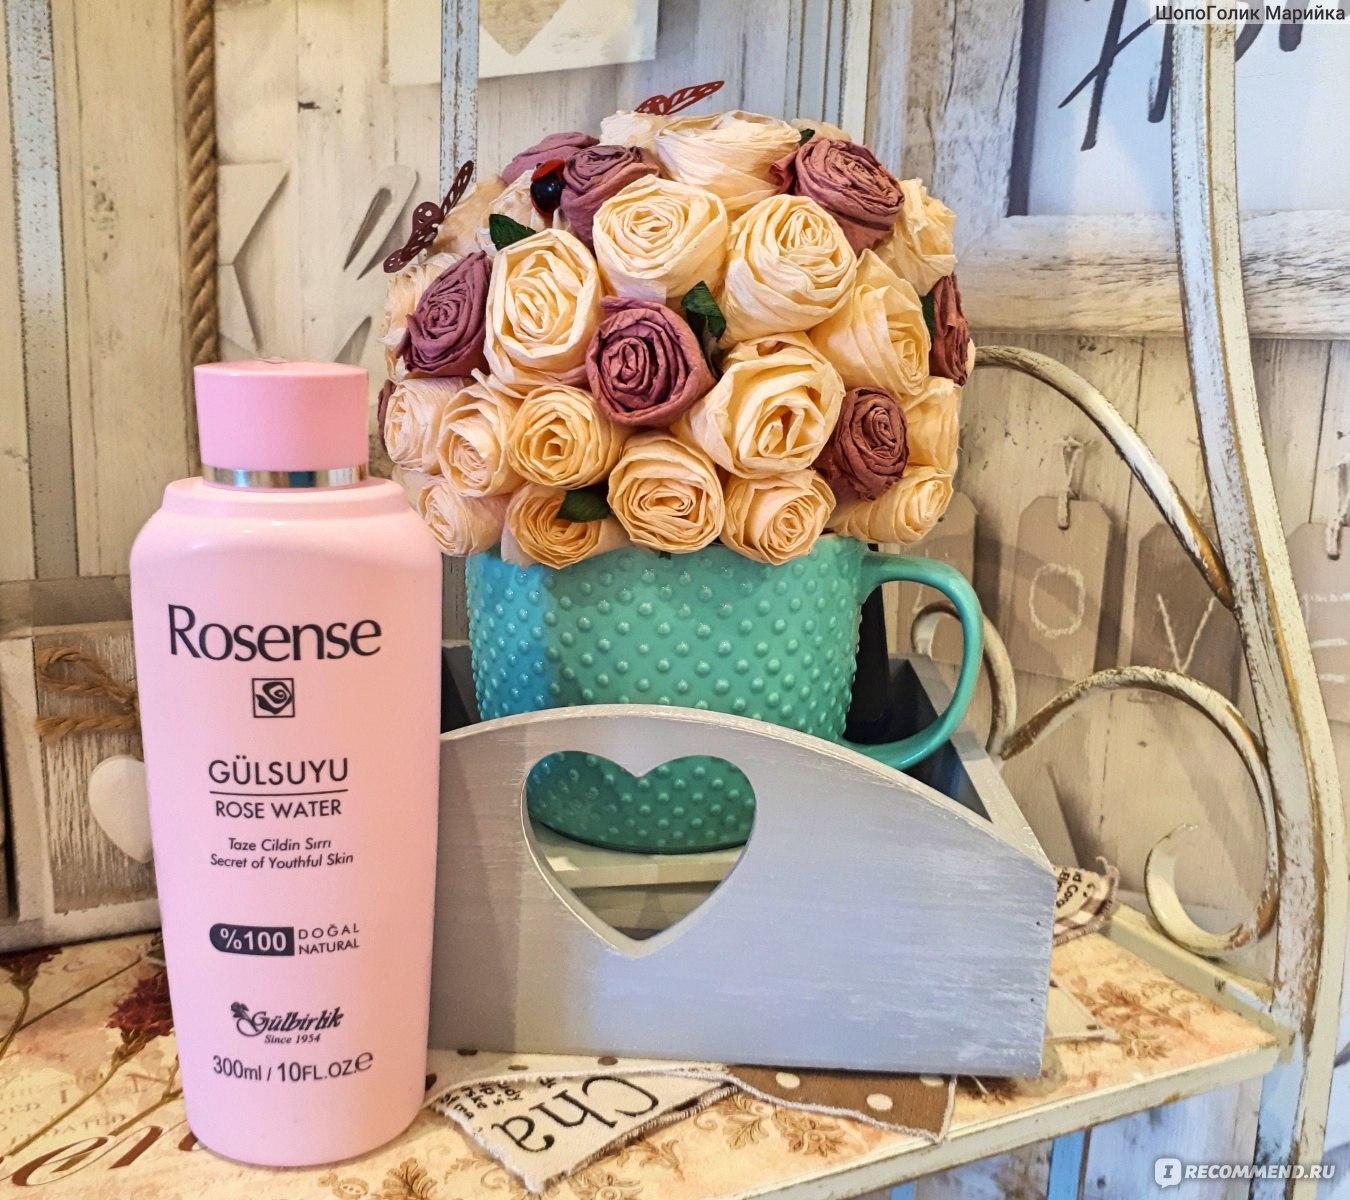 Купить косметику rosense action avon ru официальный сайт